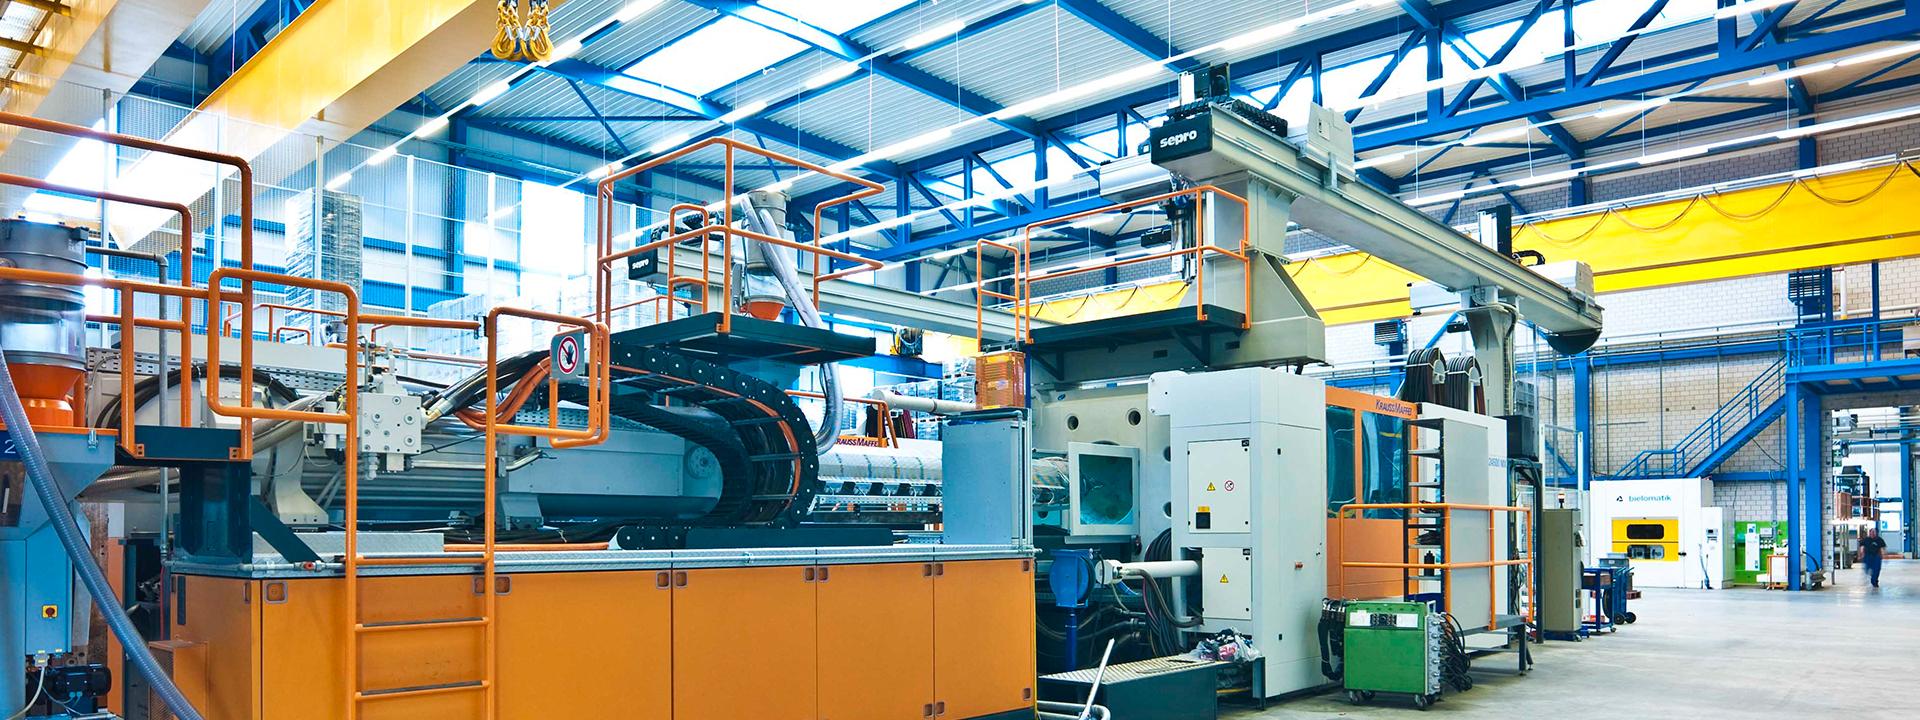 Ansicht Produktionshalle bei Umgestaltung der Kunststoffproduktion durch einen Masterplan bei Georg UTZ AG durch IE Plast